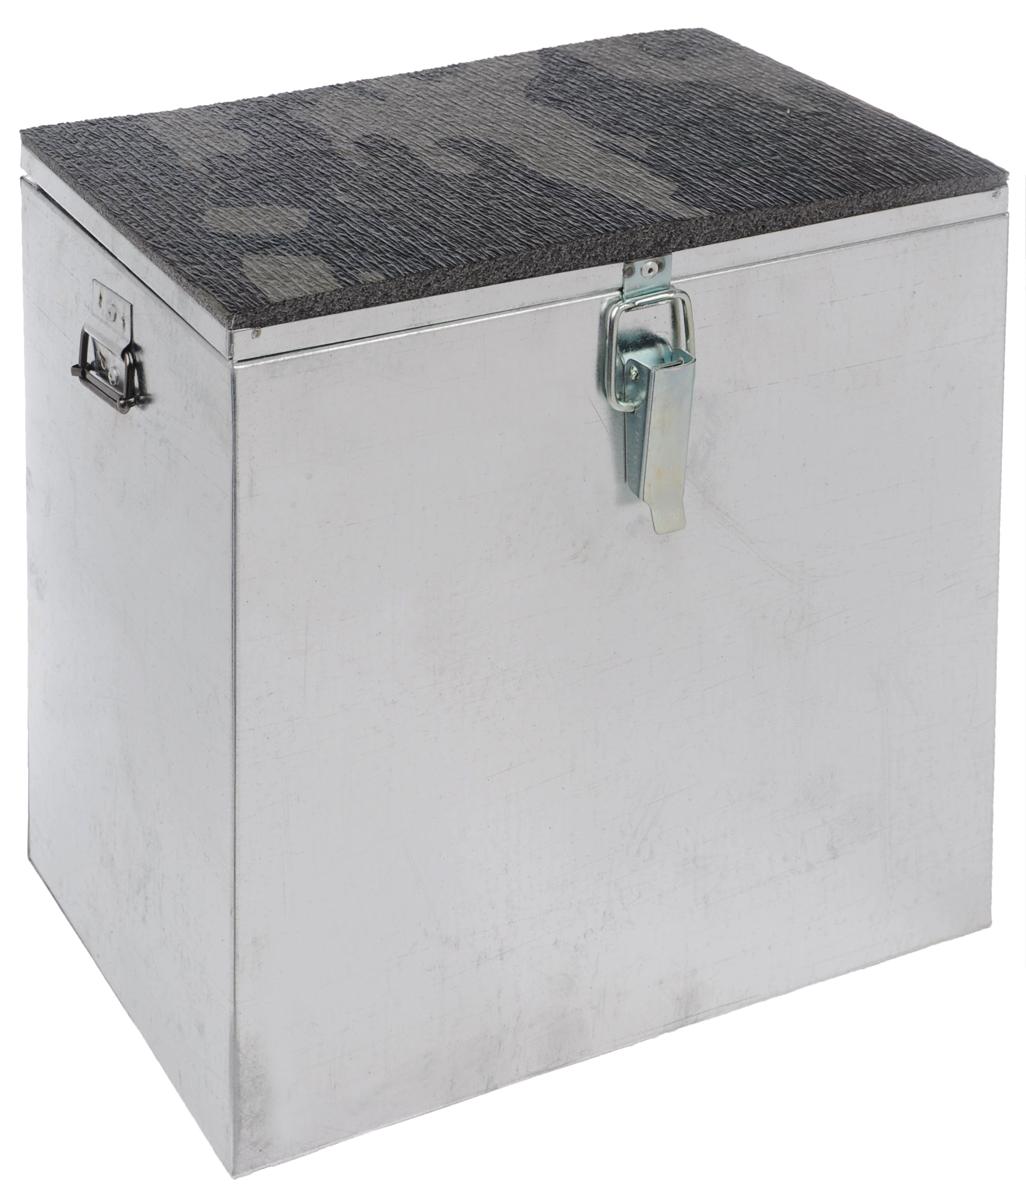 Ящик рыболова Рост, оцинкованный, 30 см х 19 см х 29 см26737Прочный и надежный ящик Рост, выполненный из высококачественной оцинкованной стали, сможет не один год прослужить любителю зимней рыбалки для транспортировки снастей и улова. Служащая сиденьем верхняя часть крышки оклеена плотным теплоизолятором - пенополиэтиленом с рифленой поверхностью. Боковые стенки емкости снабжены петлями для крепления идущего в комплекте плечевого ремня.